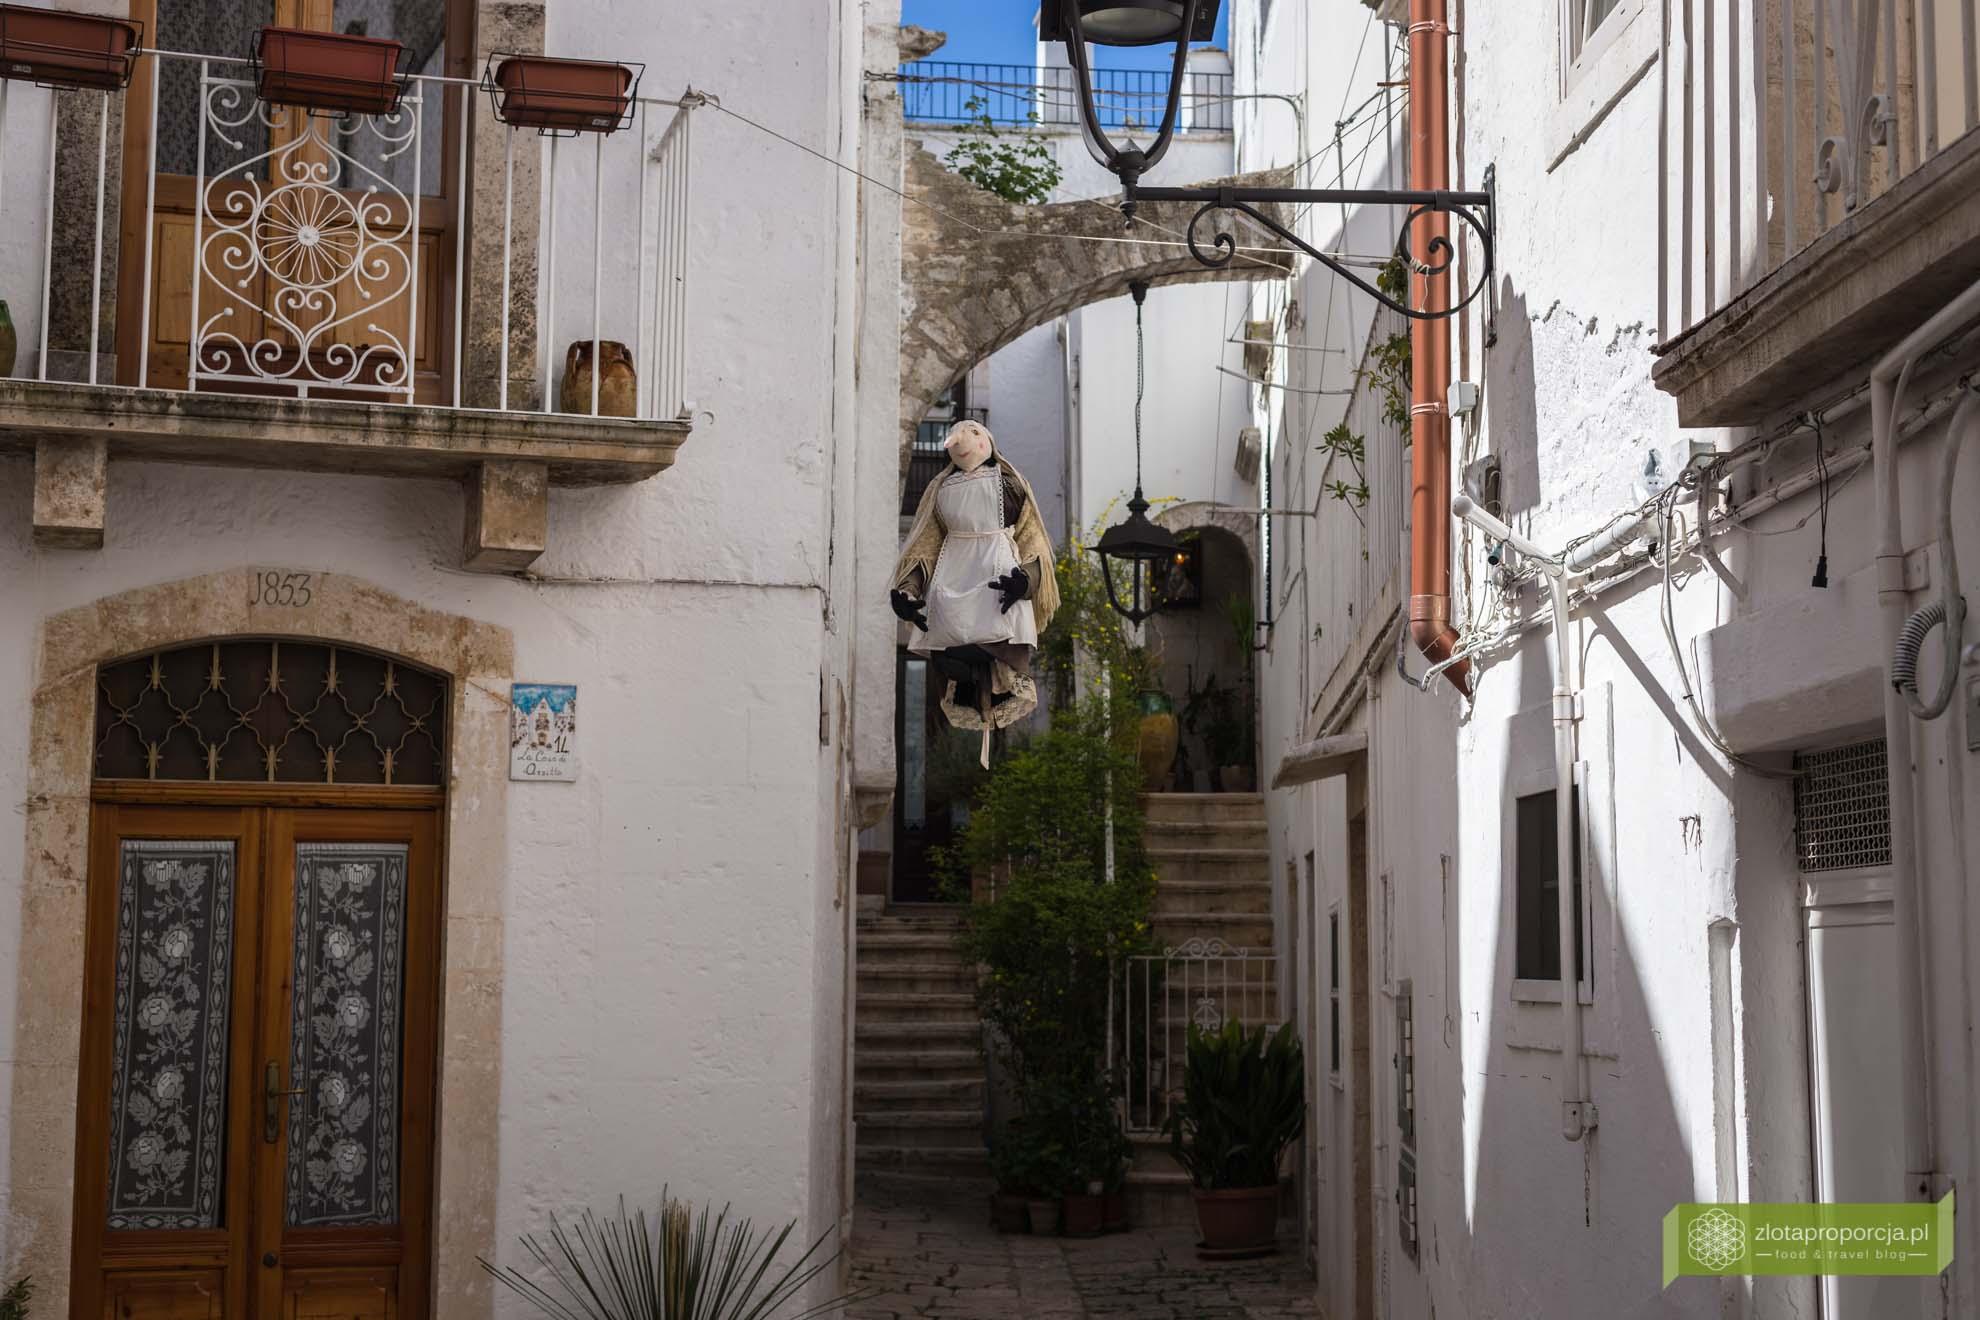 Locorotondo; Apulia; Bambole; Wielkanoc we Włoszech; Wielkanoc w Apulii; wielkanocne tradycje we Włoszech; wiszące czarownice